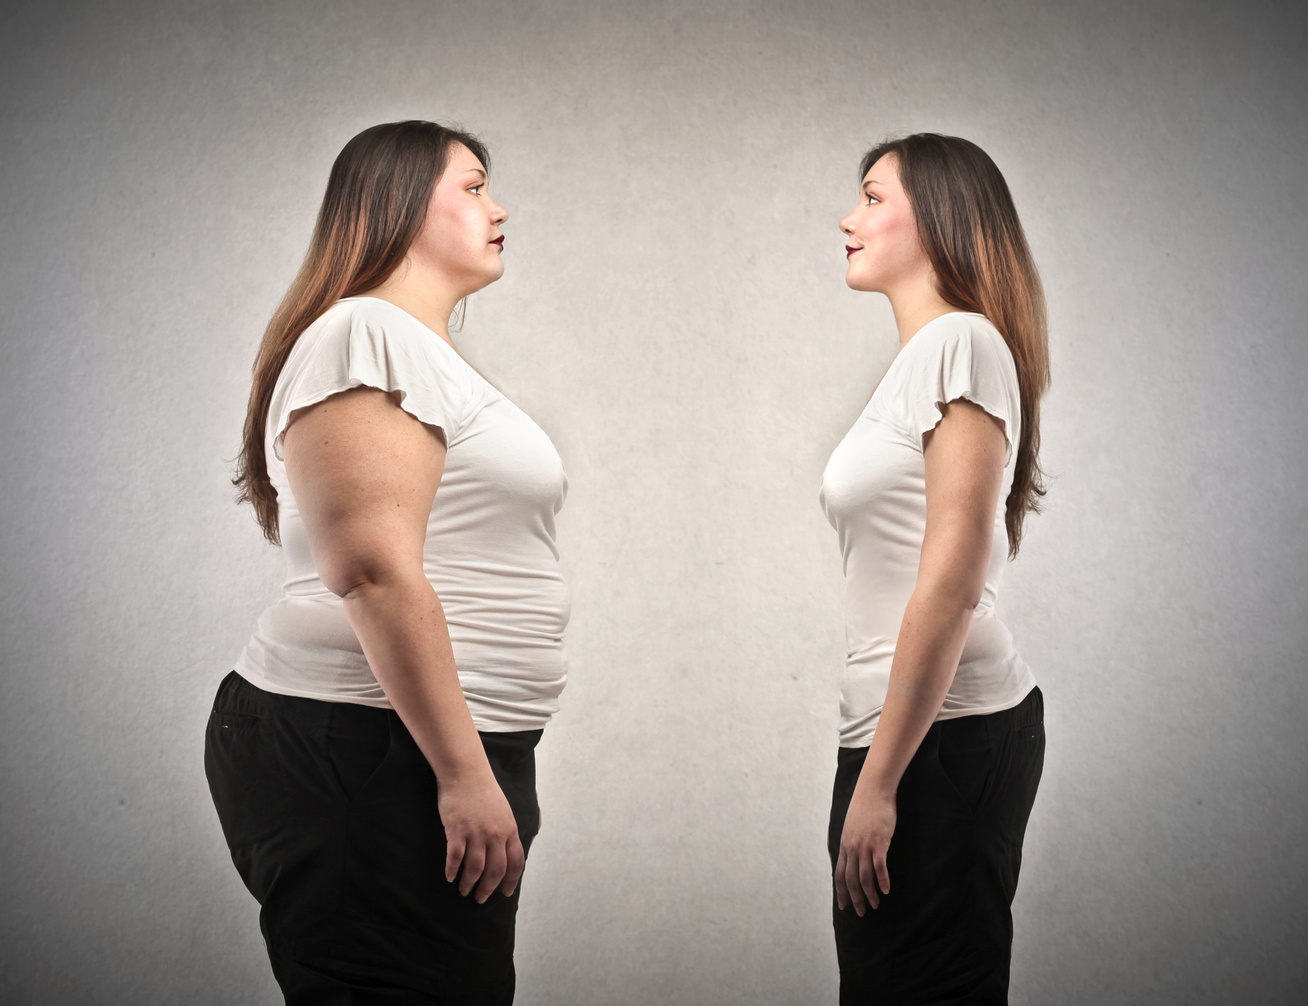 két hét alatt fogyás távolítson el minden zsírt